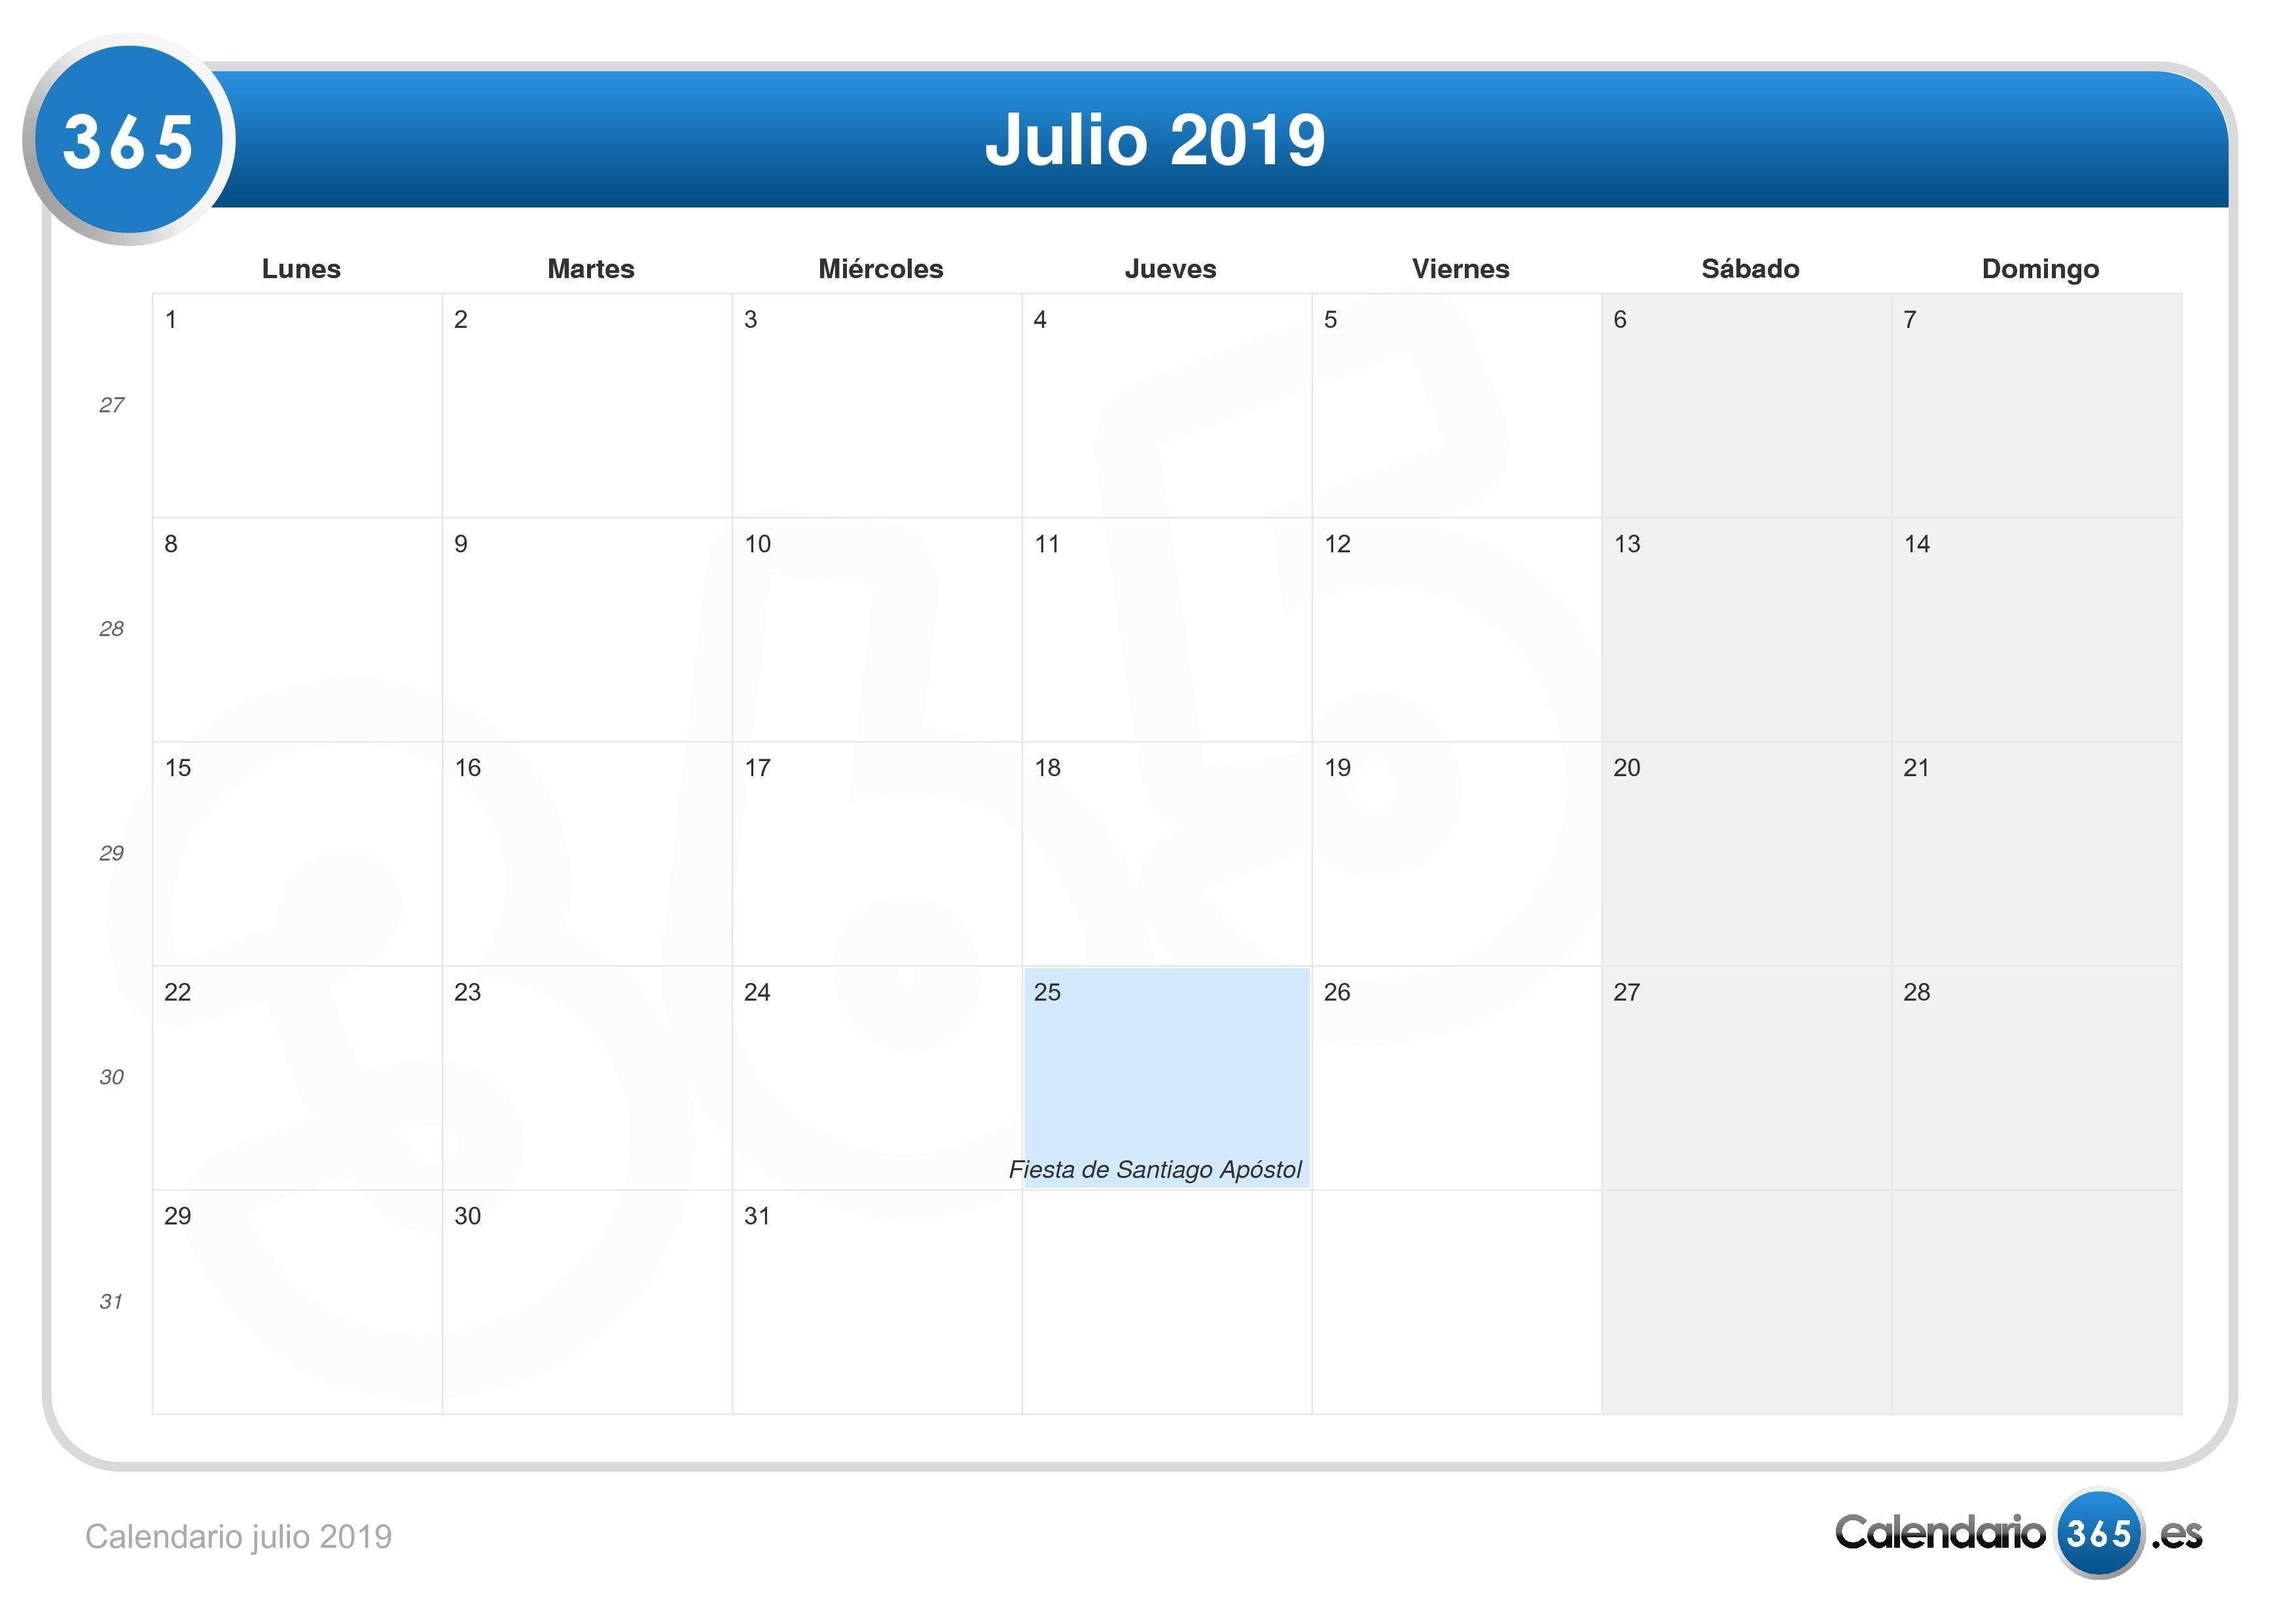 Calendario Lunar Enero 2019 Chile Más Recientes Calendario Julio 2019 Of Calendario Lunar Enero 2019 Chile Más Actual Pin De Calendario Hispano En Calendario Con Feriados A±o 2020